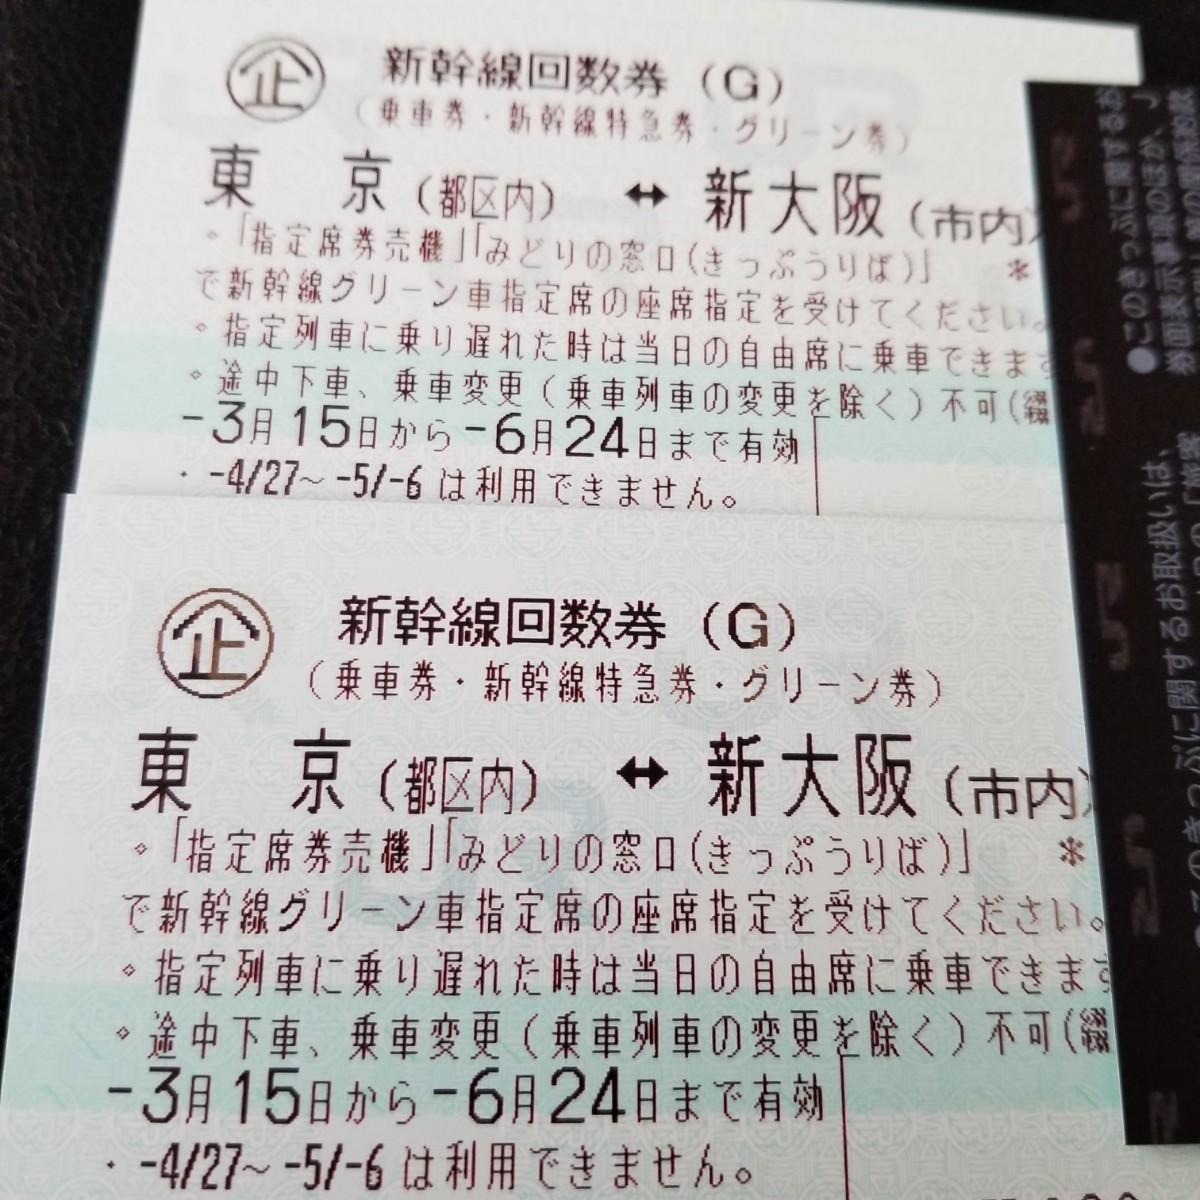 新幹線のぞみグリーン回数券2枚 新大阪-東京